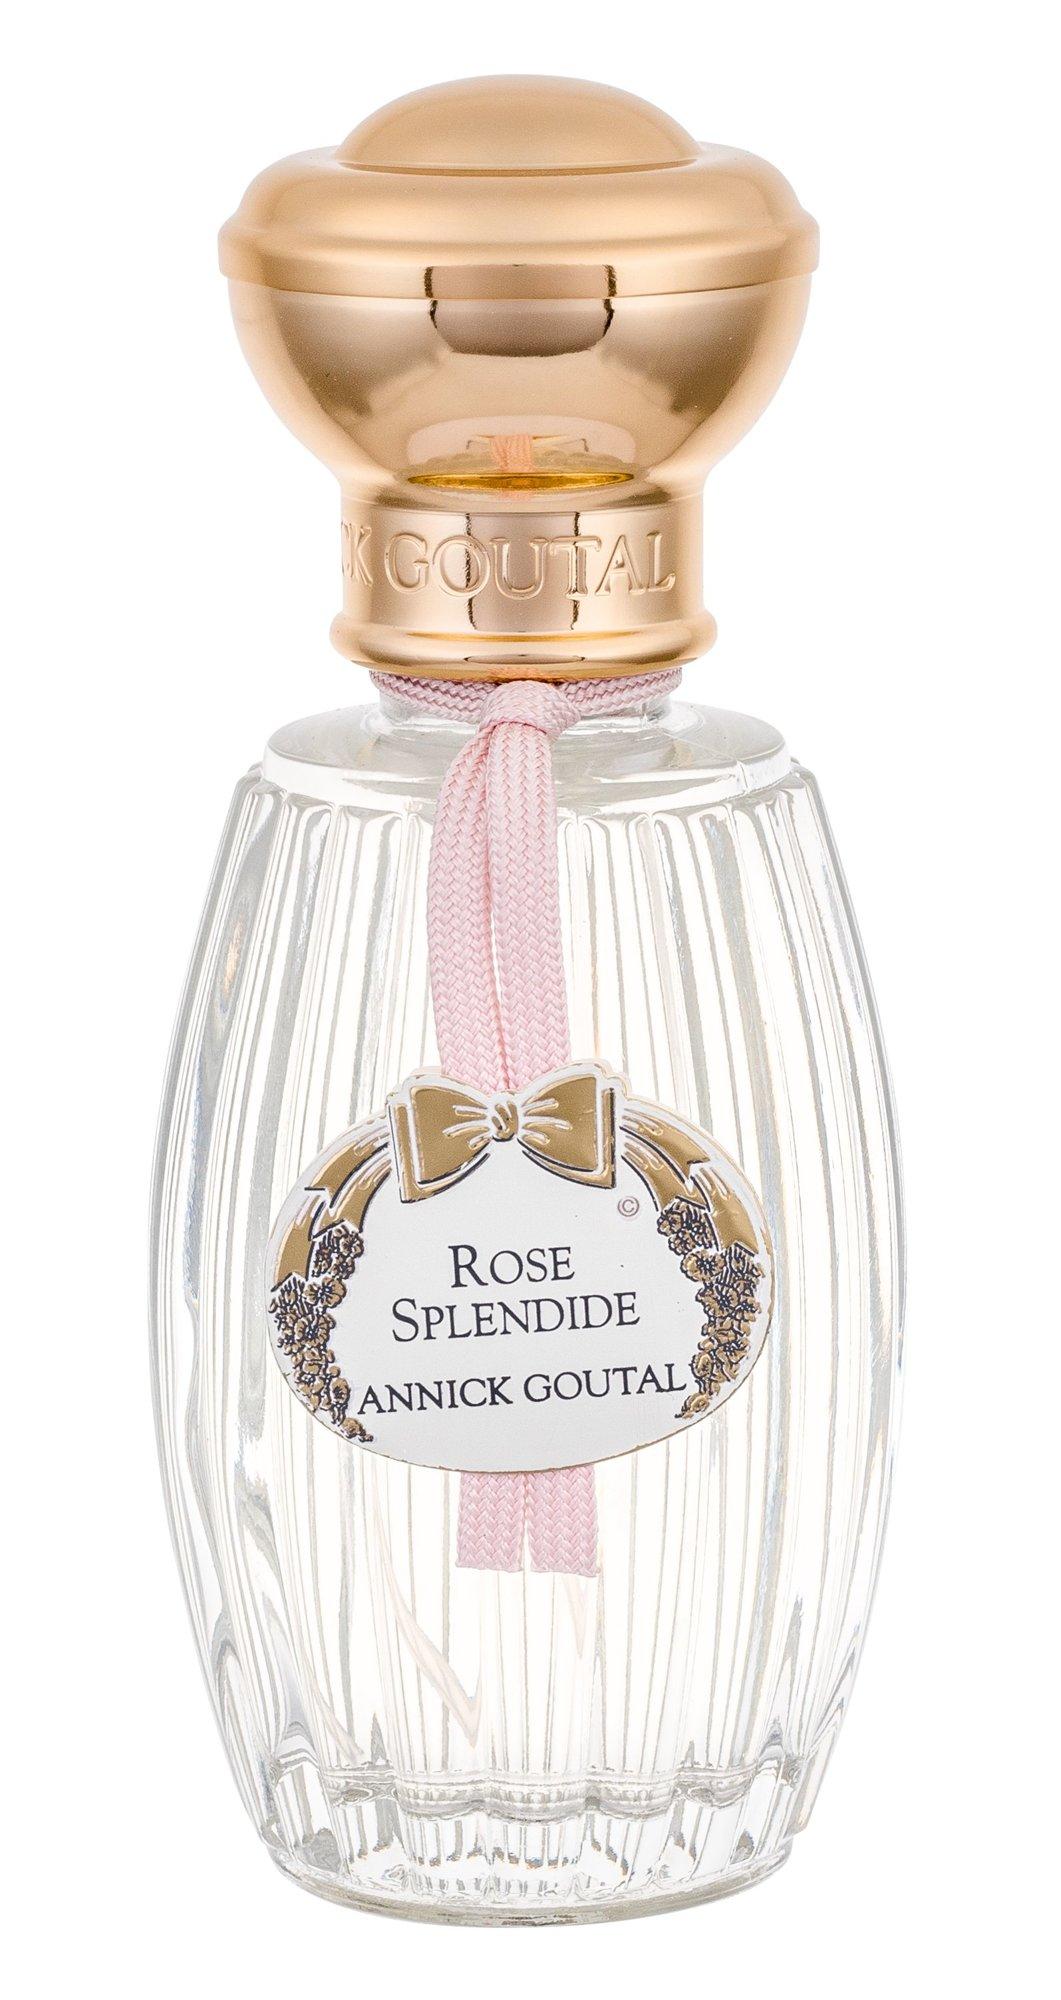 Annick Goutal Rose Splendide EDT 100ml